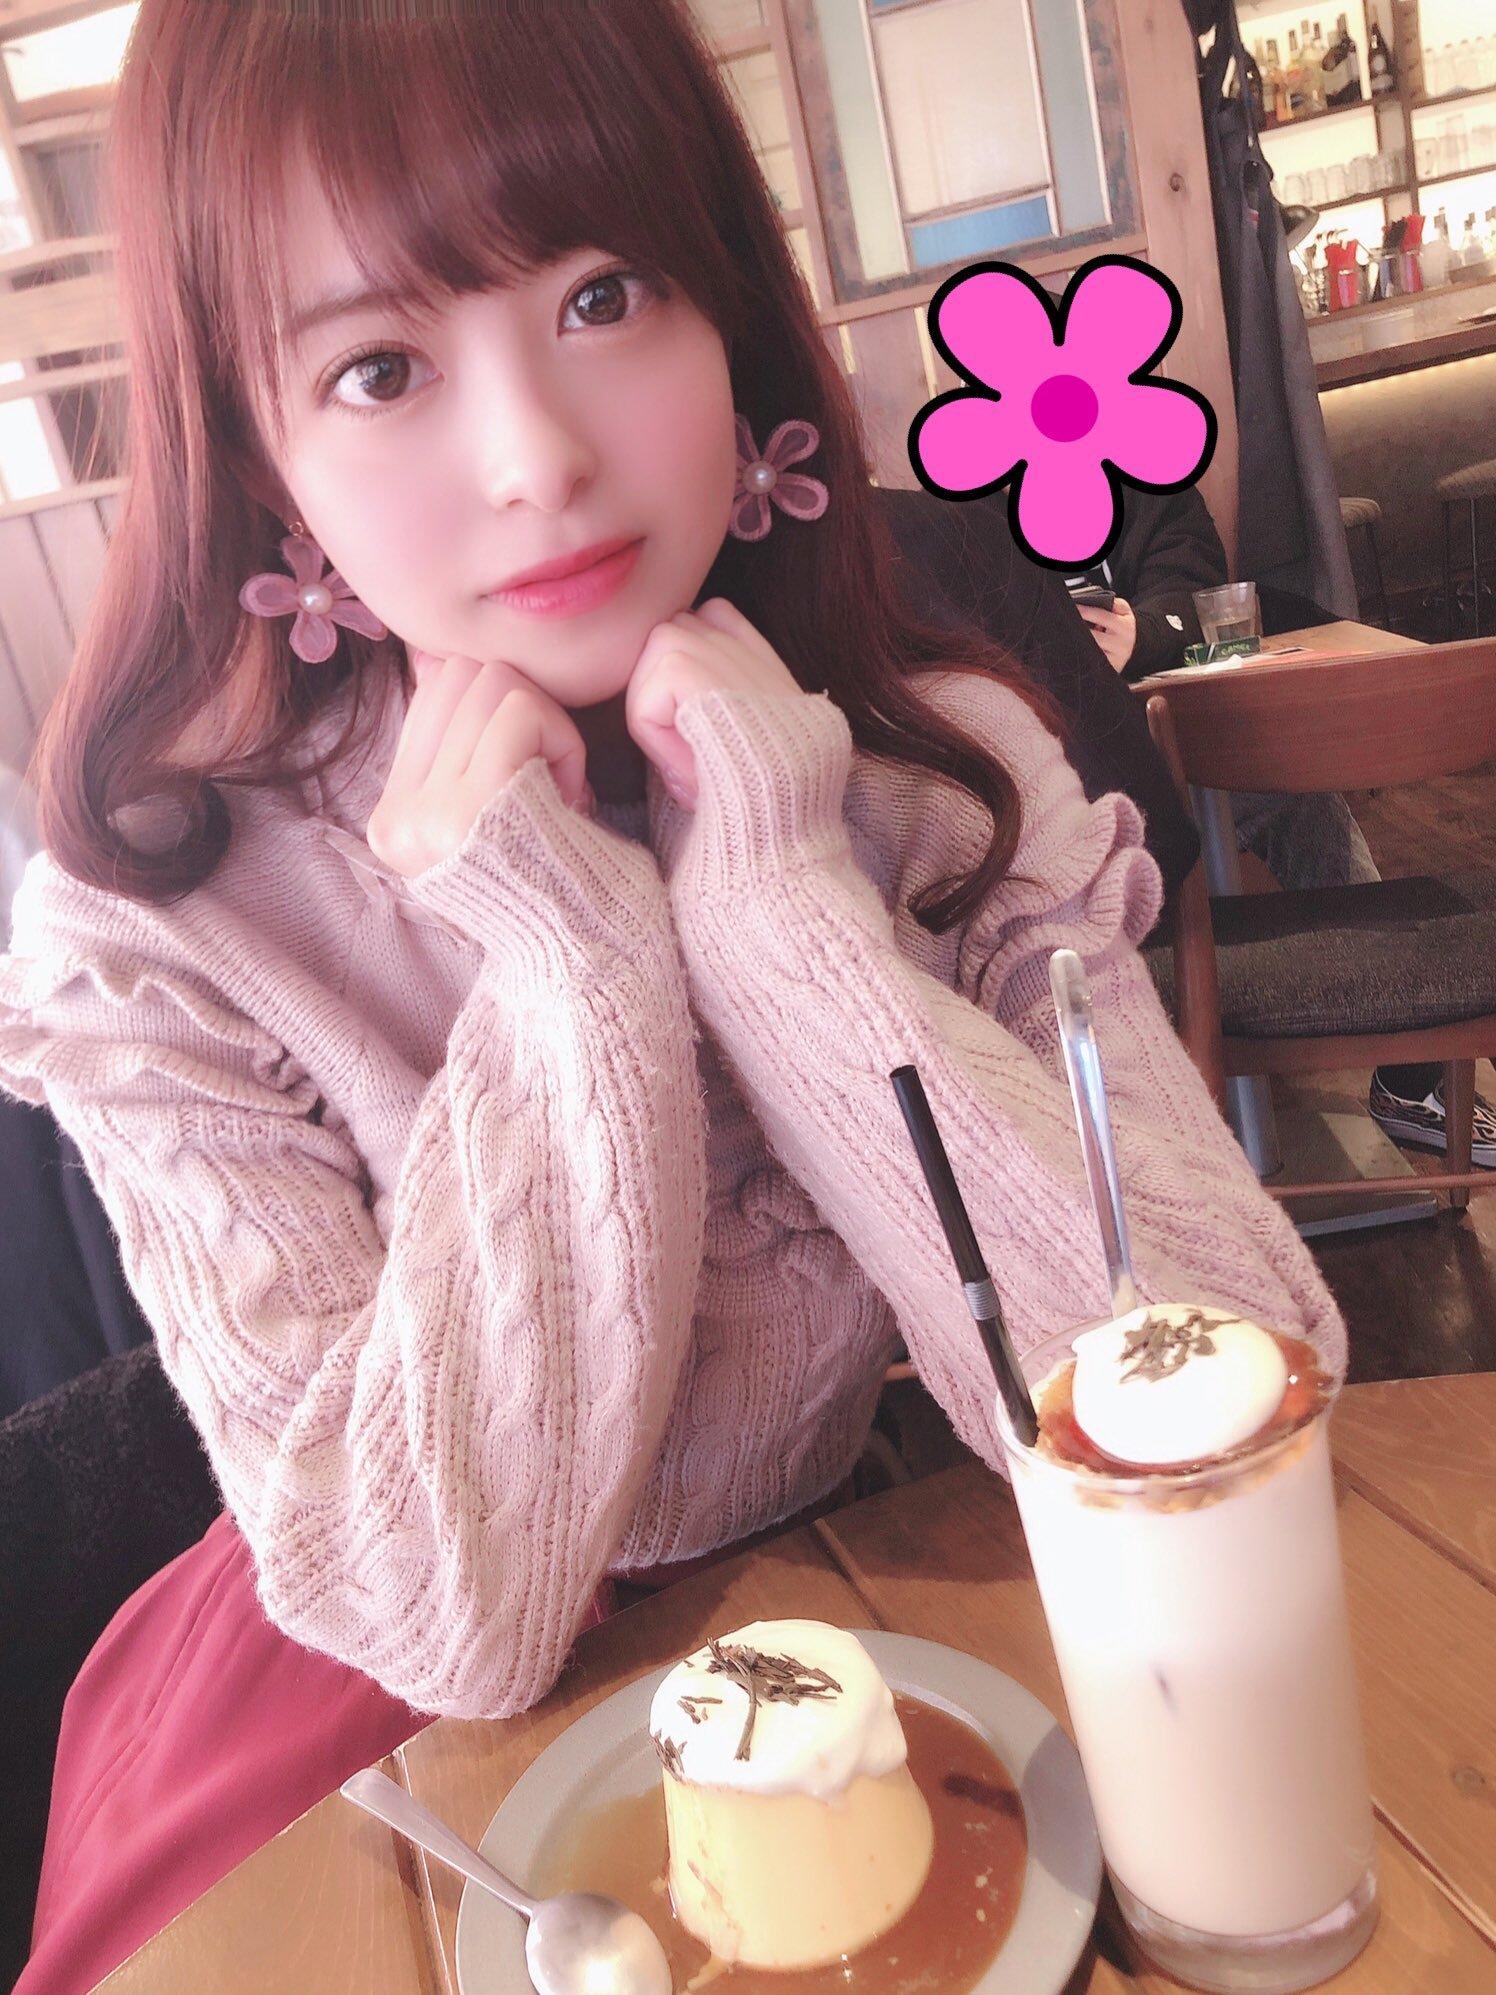 moko_sakura3 1233265150364282880_p1